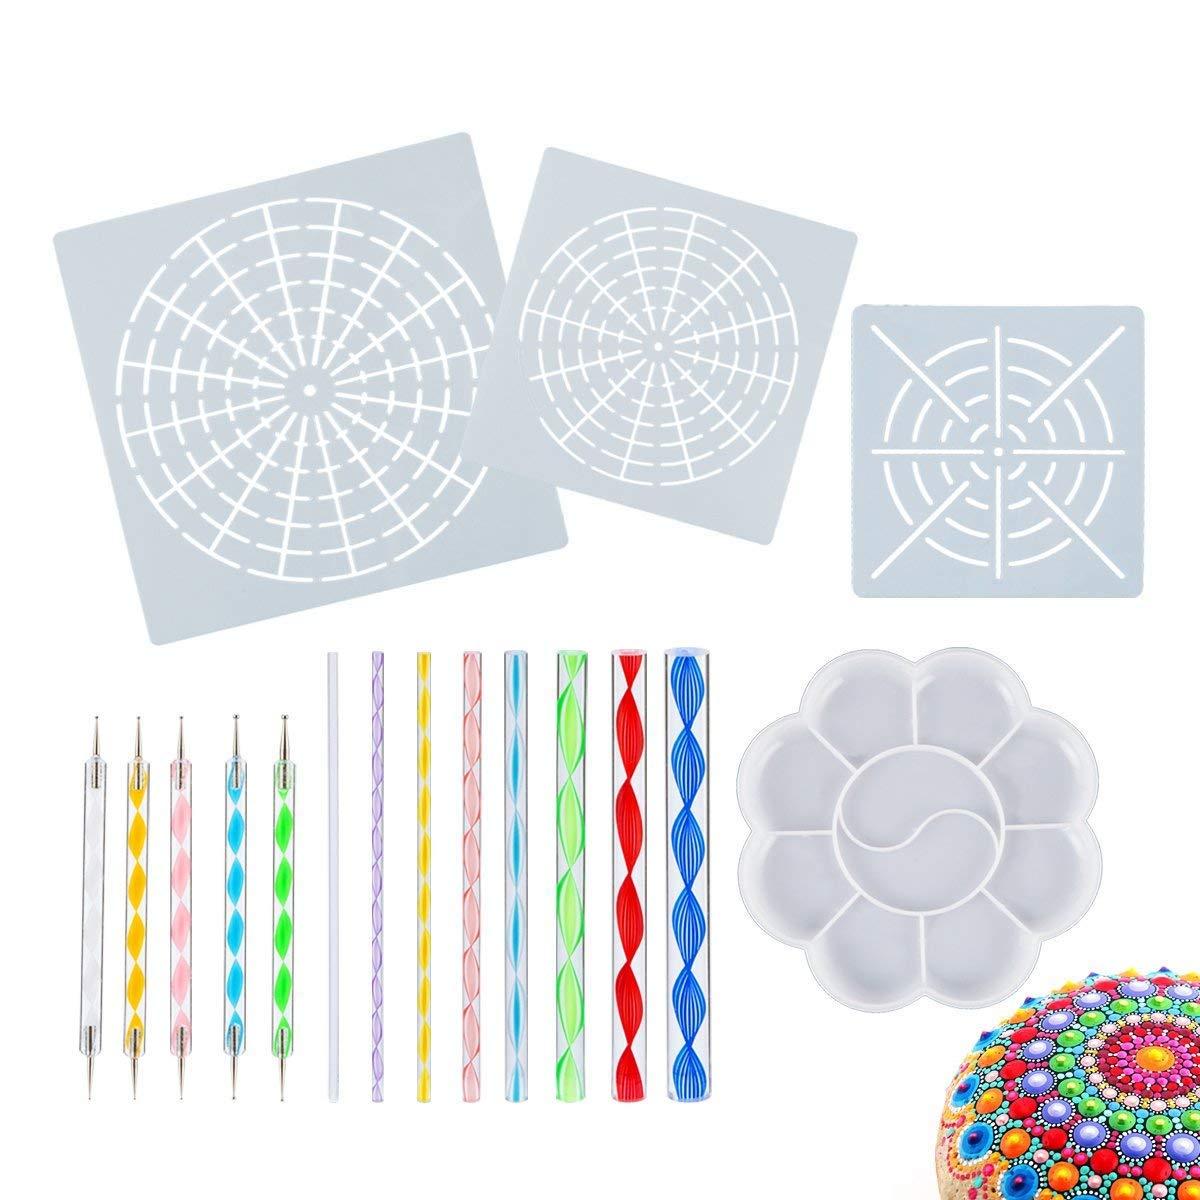 17PCS Mandala Dotting Tools Stencil Set for Painting Rocks Drawing & Drafting, Kids' Crafts, Nail Art, Painting